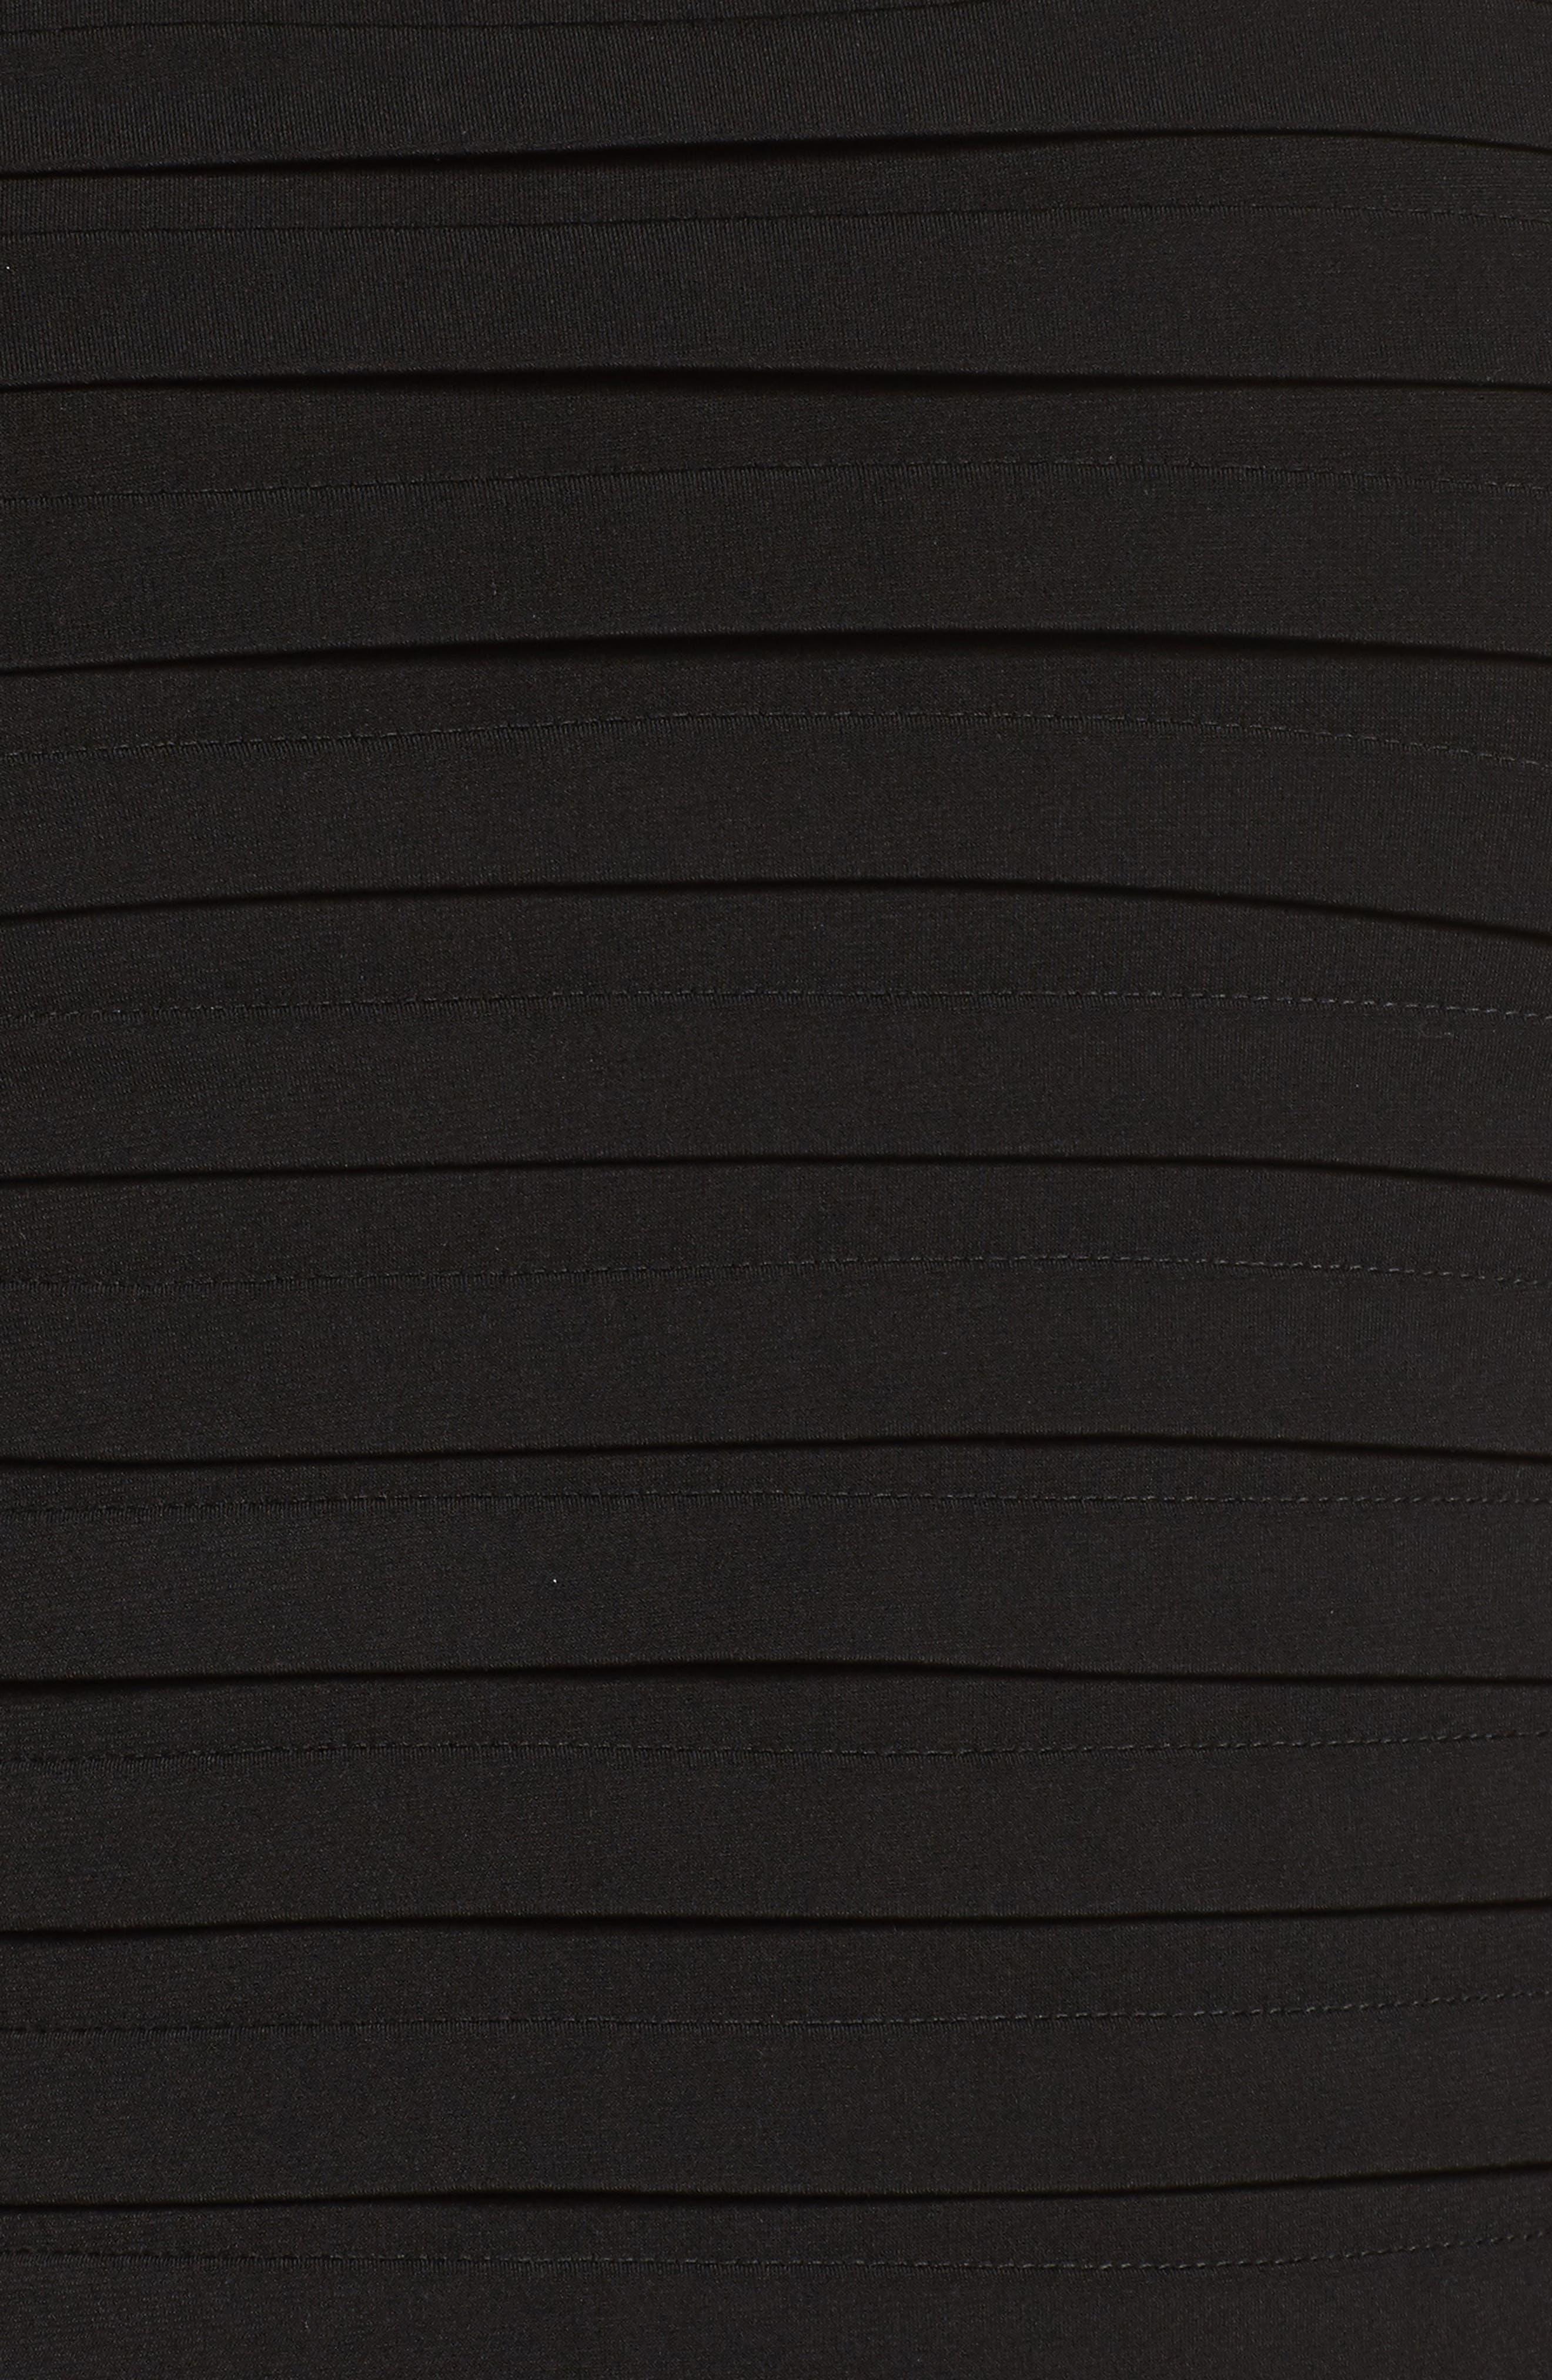 Velvet Trim Sheath Dress,                             Alternate thumbnail 5, color,                             001